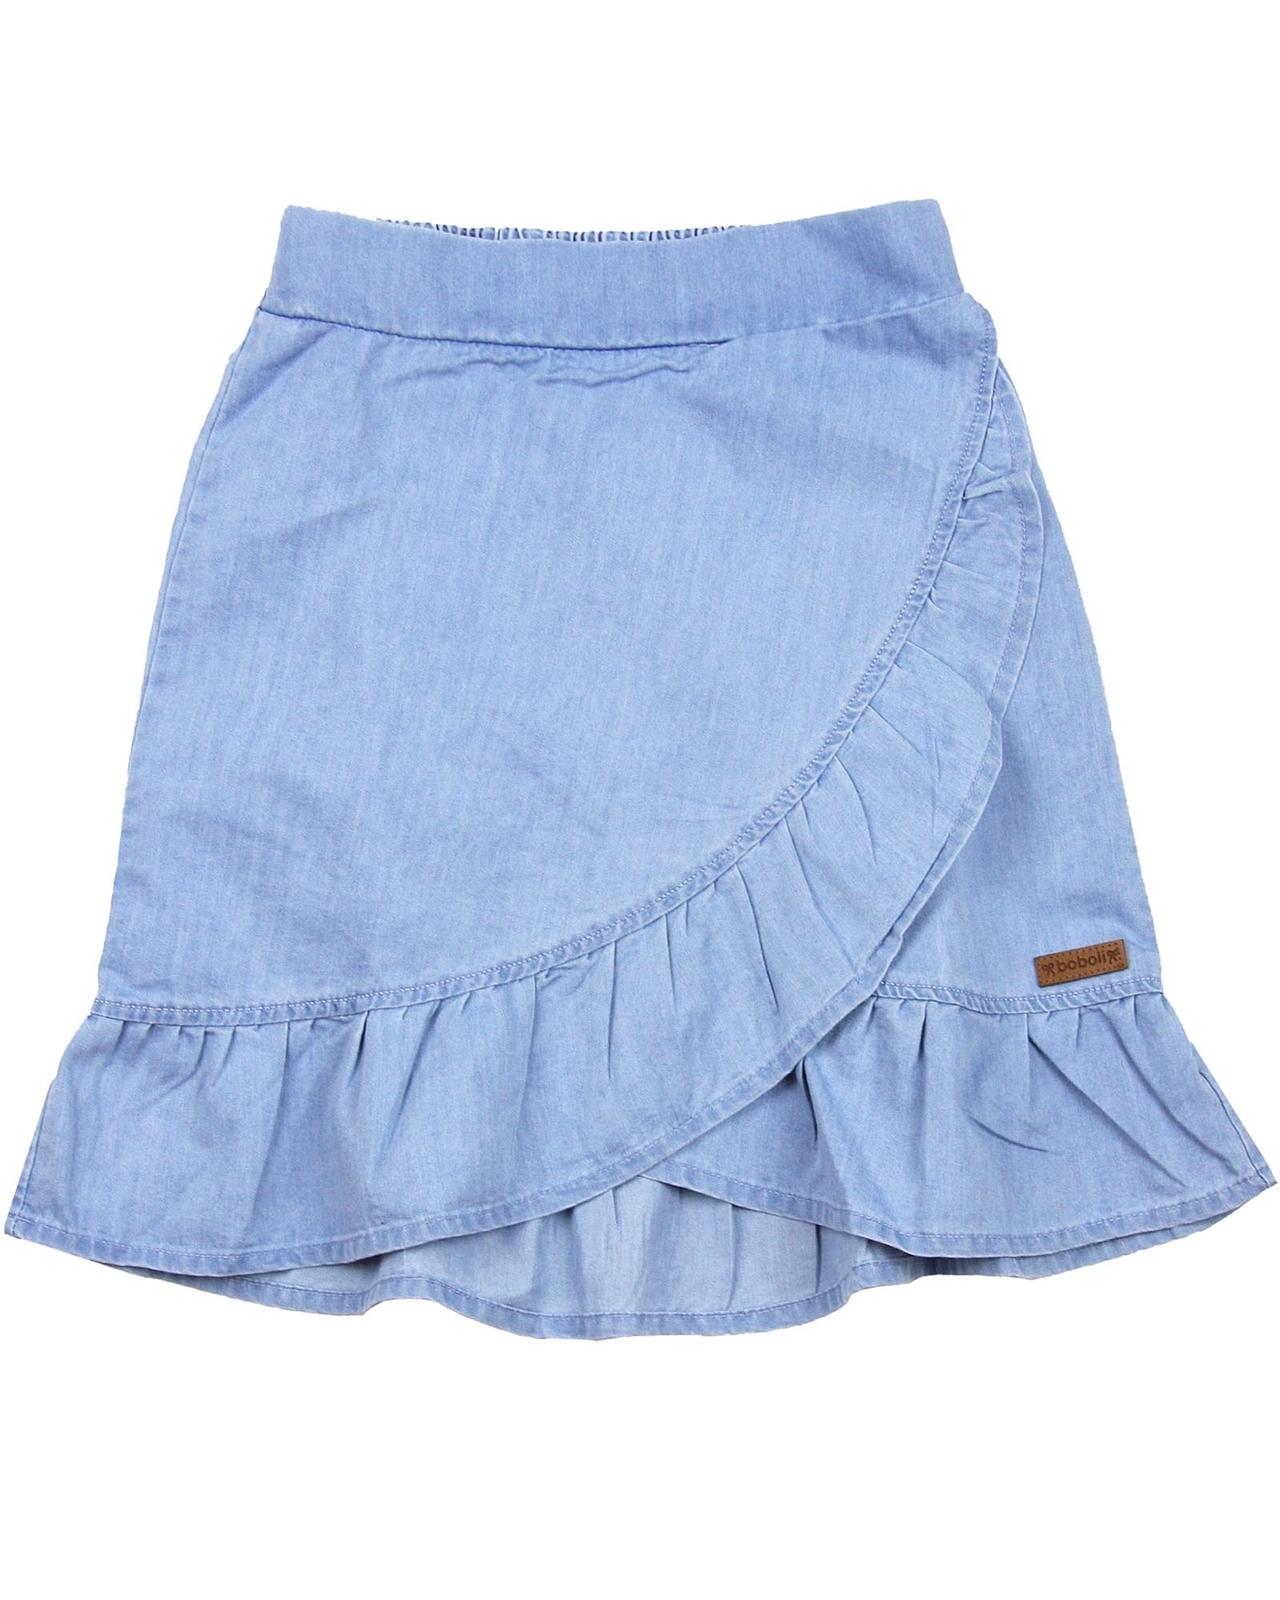 Le Chic Girls Denim Mini Skirt Sizes 4-14